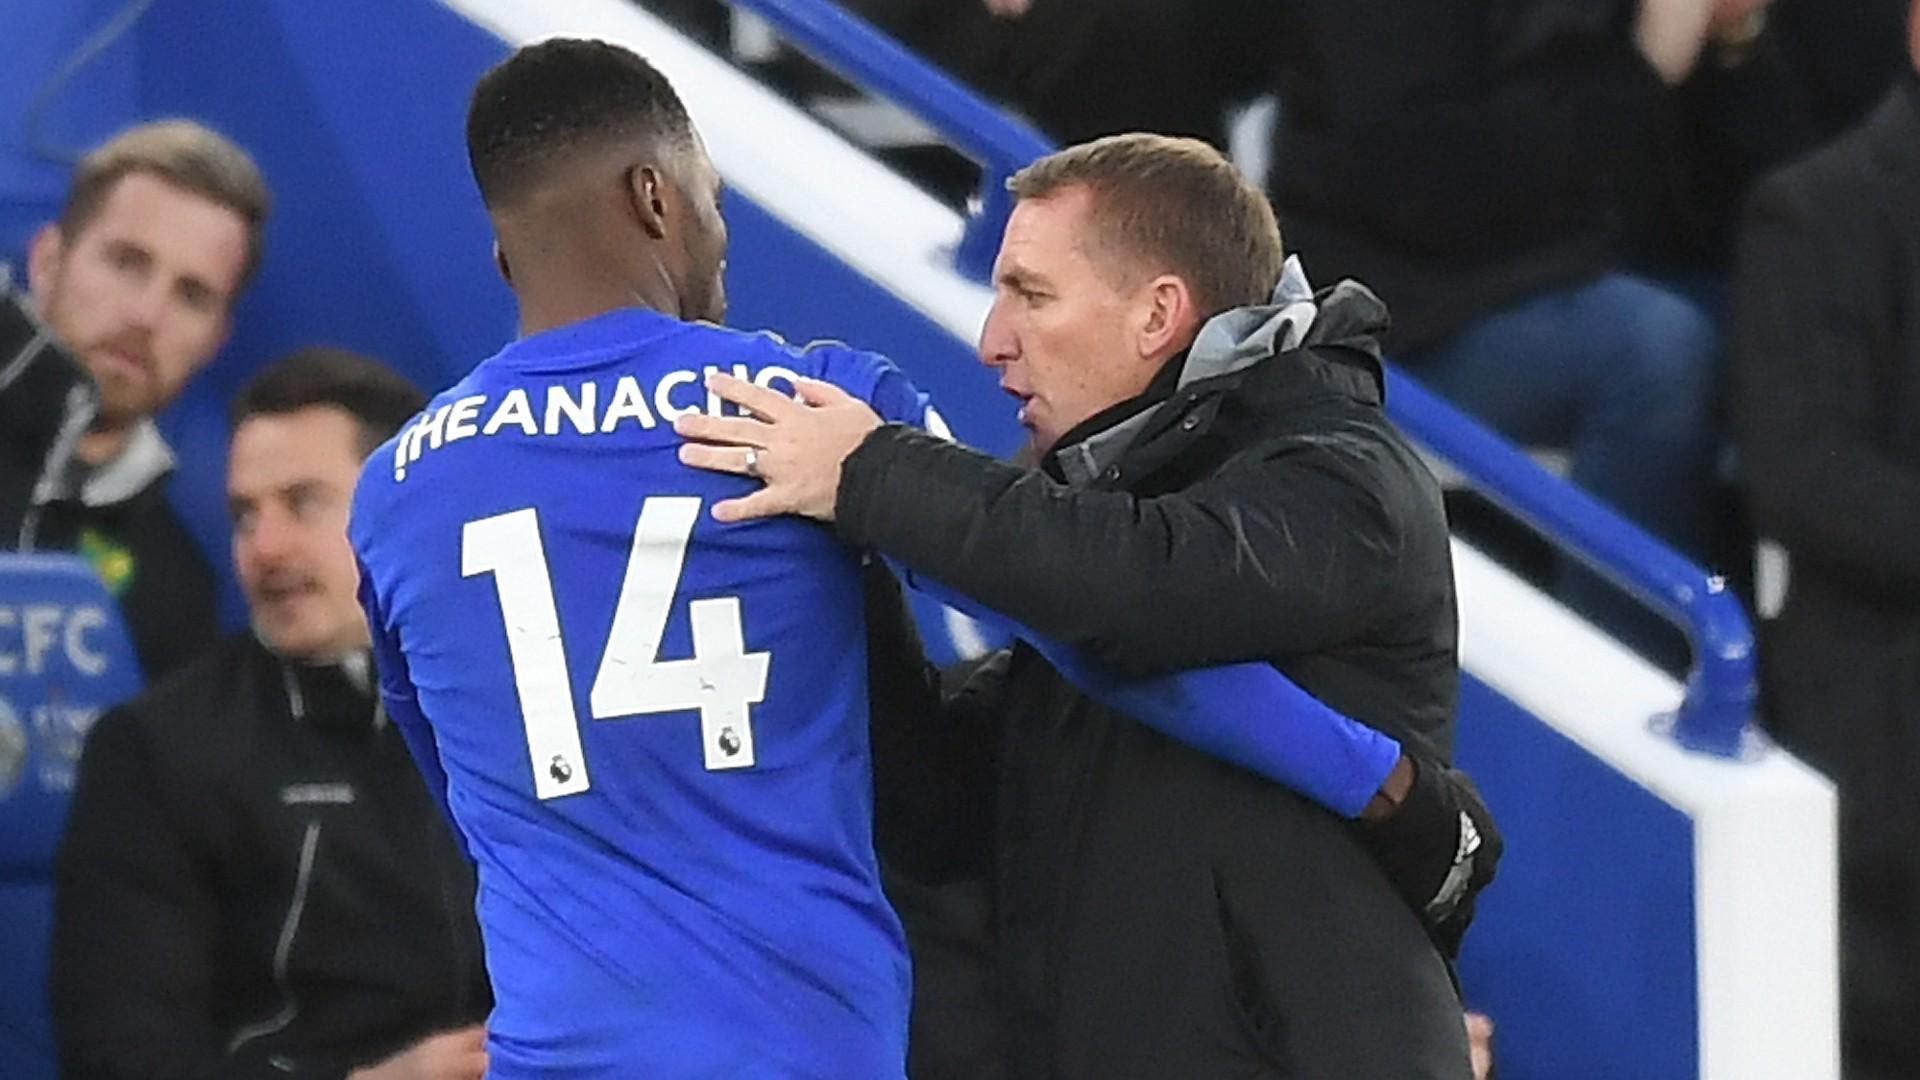 FA Cup Final: A Decisive Match in Iheanacho's Career?